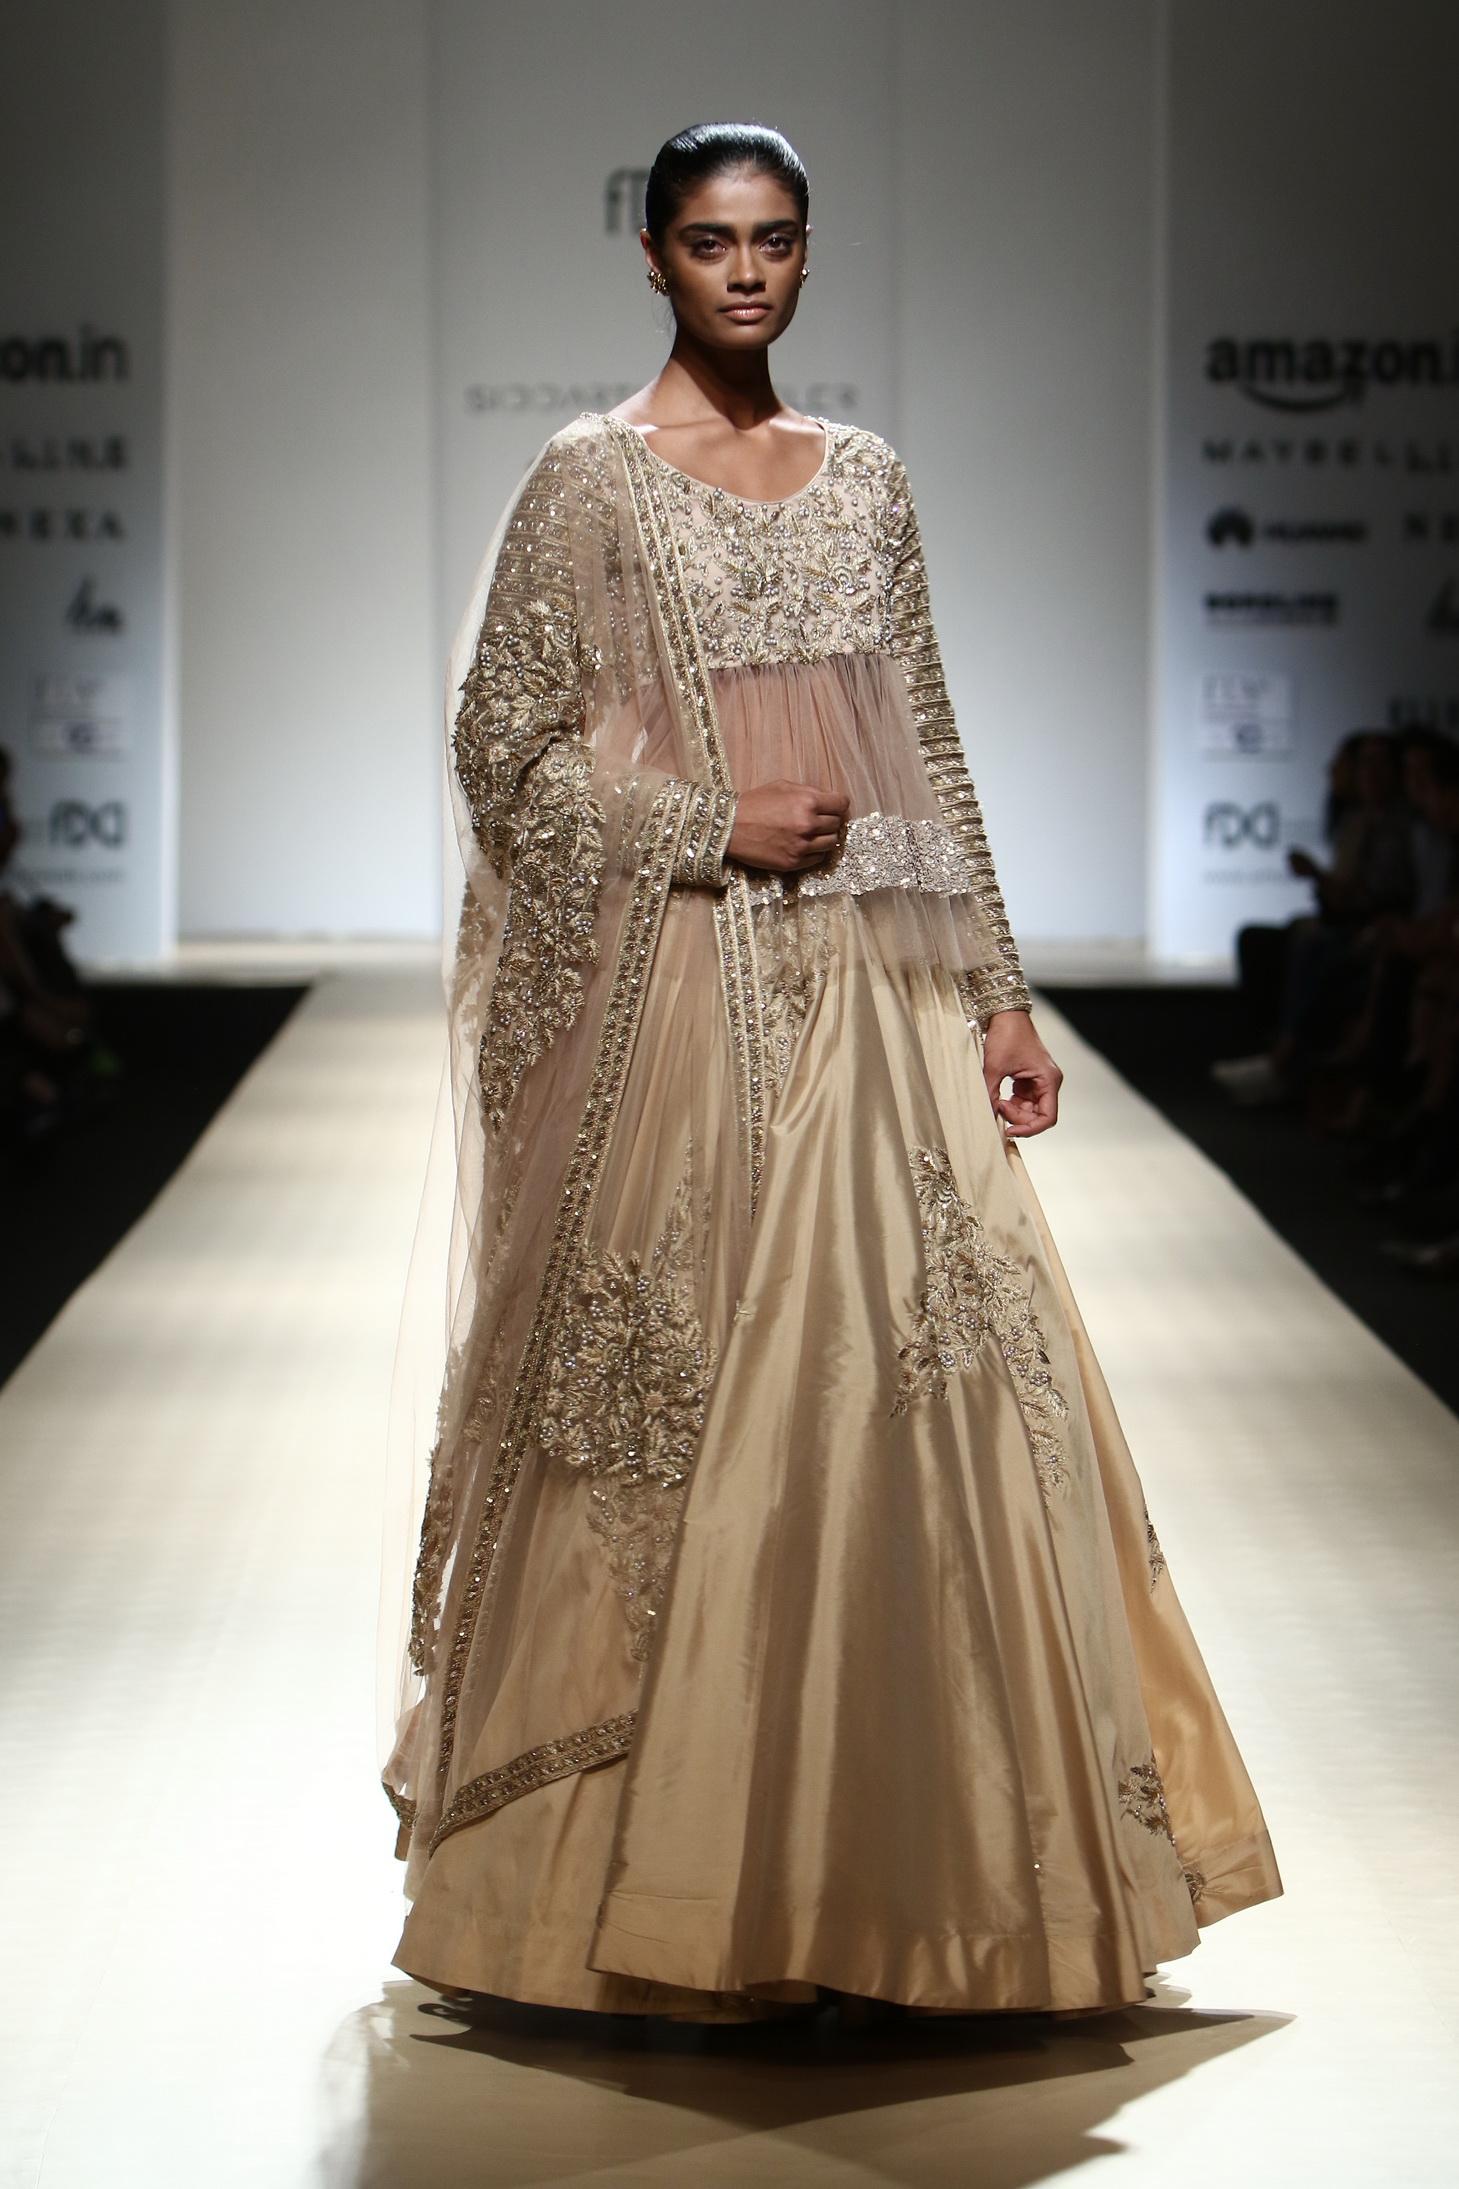 Siddharta Tytler - Amazon India Fashion Week SS17